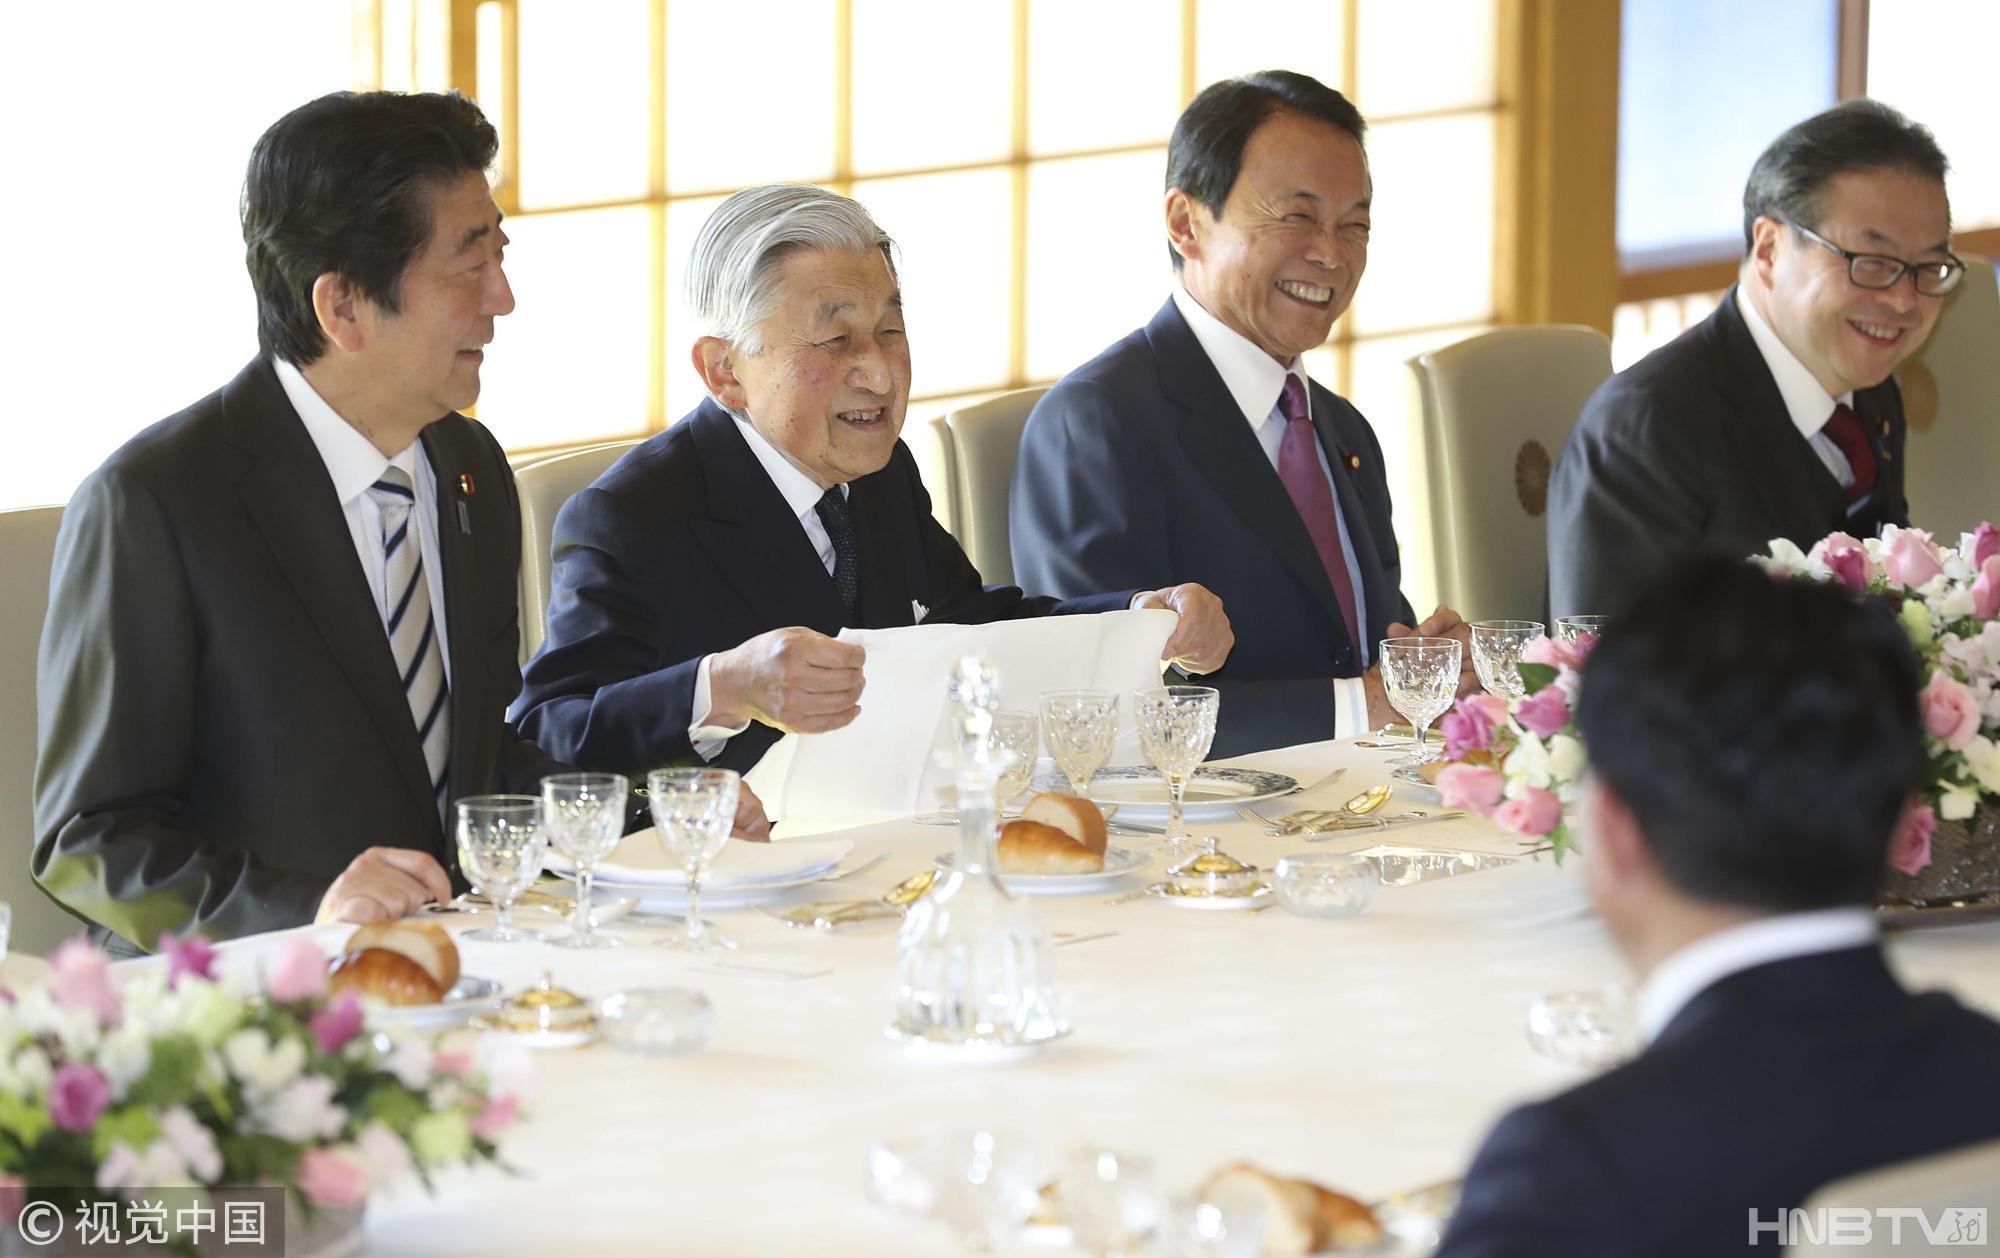 日本皇宫举行年终午宴 安倍晋三与天皇同席